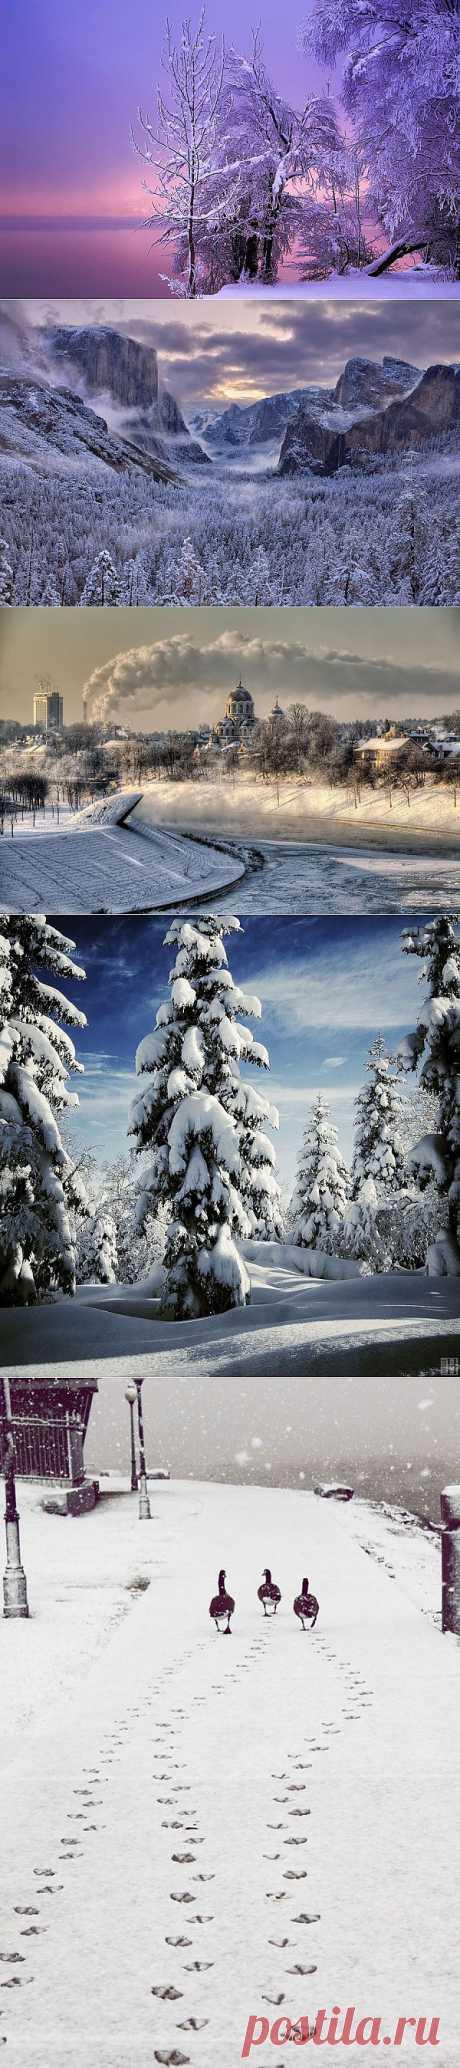 ФотоТелеграф » 20 восхитительных зимних пейзажей